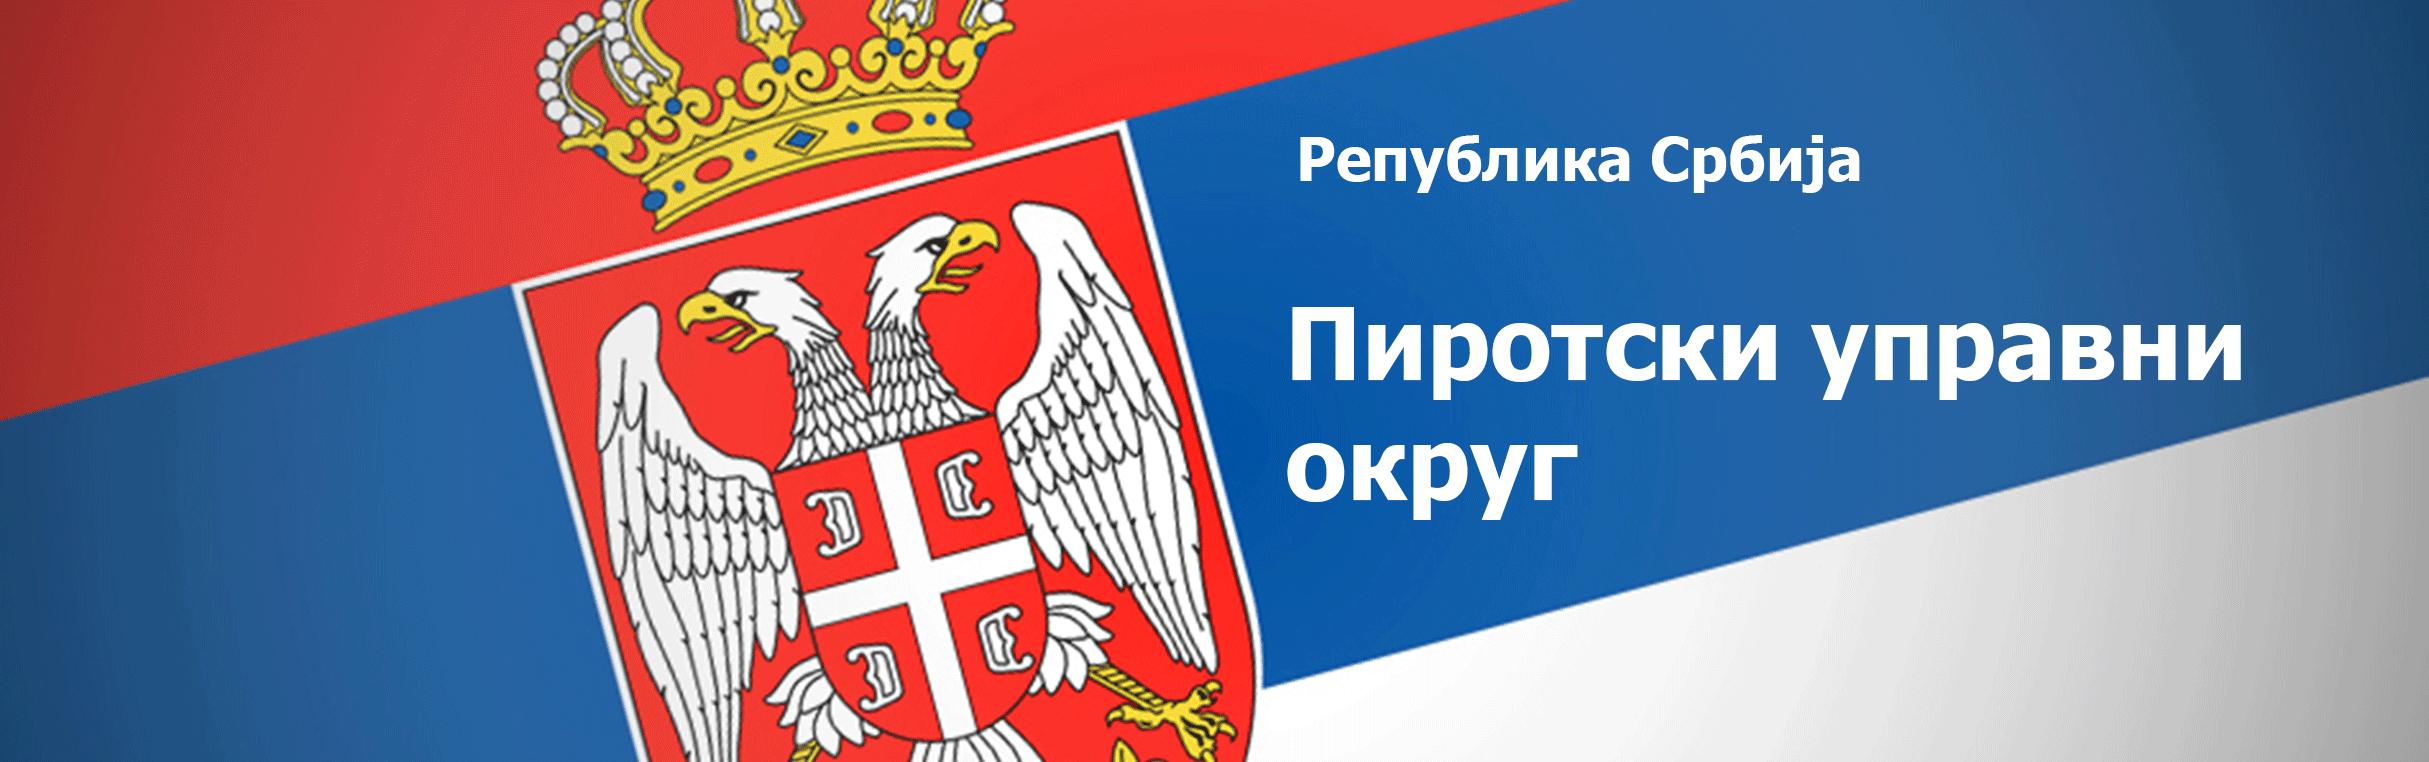 Пиротски управни округ